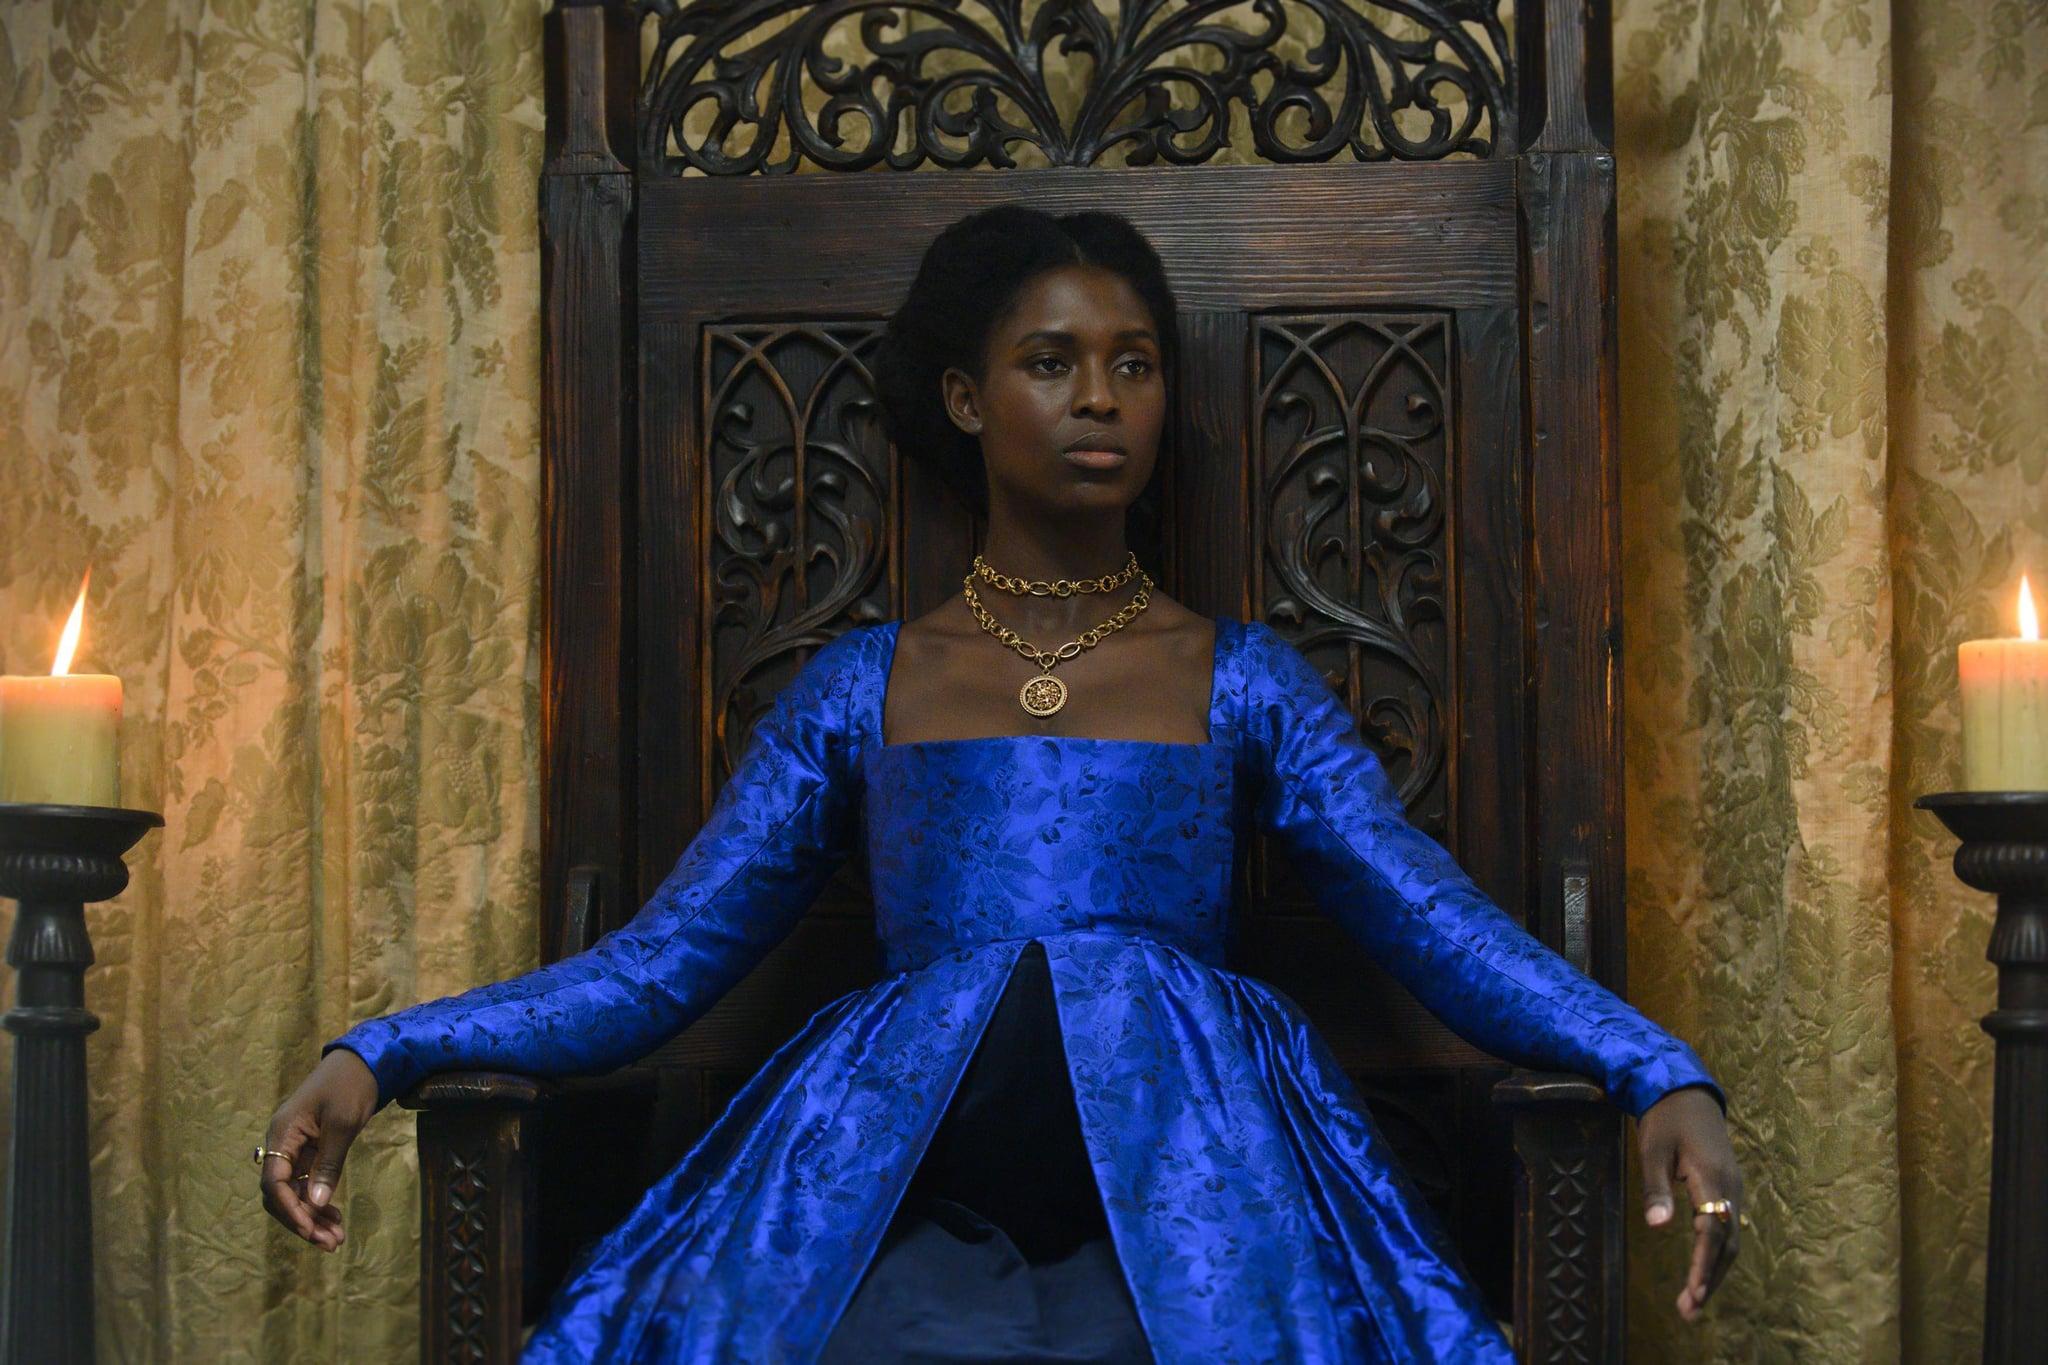 Anne Boleyn: Episode 1 - CAST: Anne Boleyn (Played by Jodie Turner-Smith)